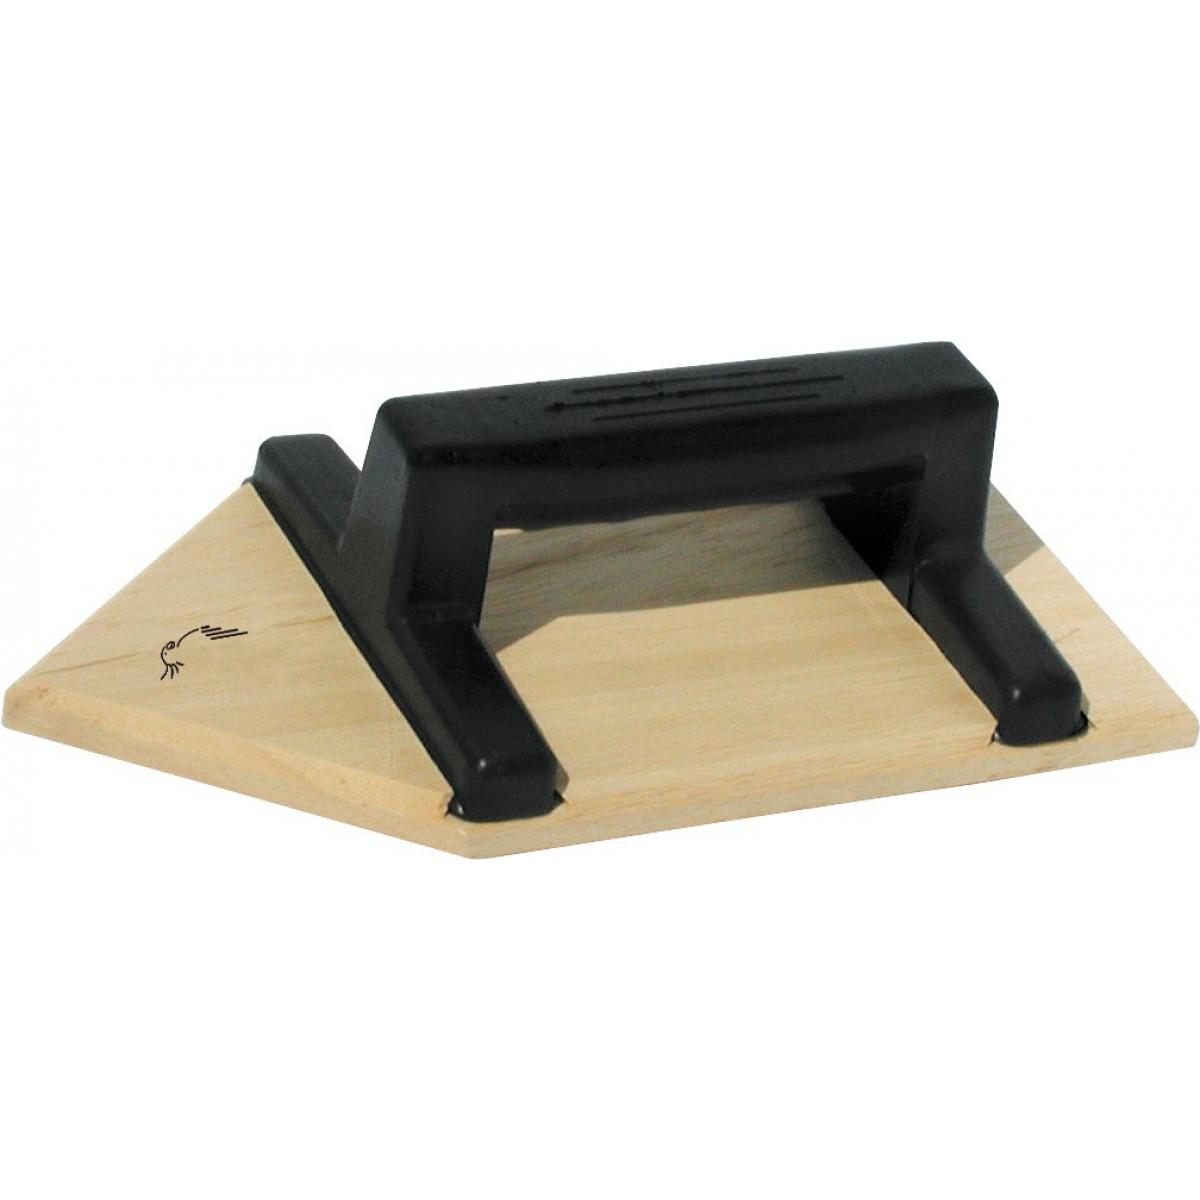 Taloche bois triangulaire Outibat - Dimensions 14 x 27 cm